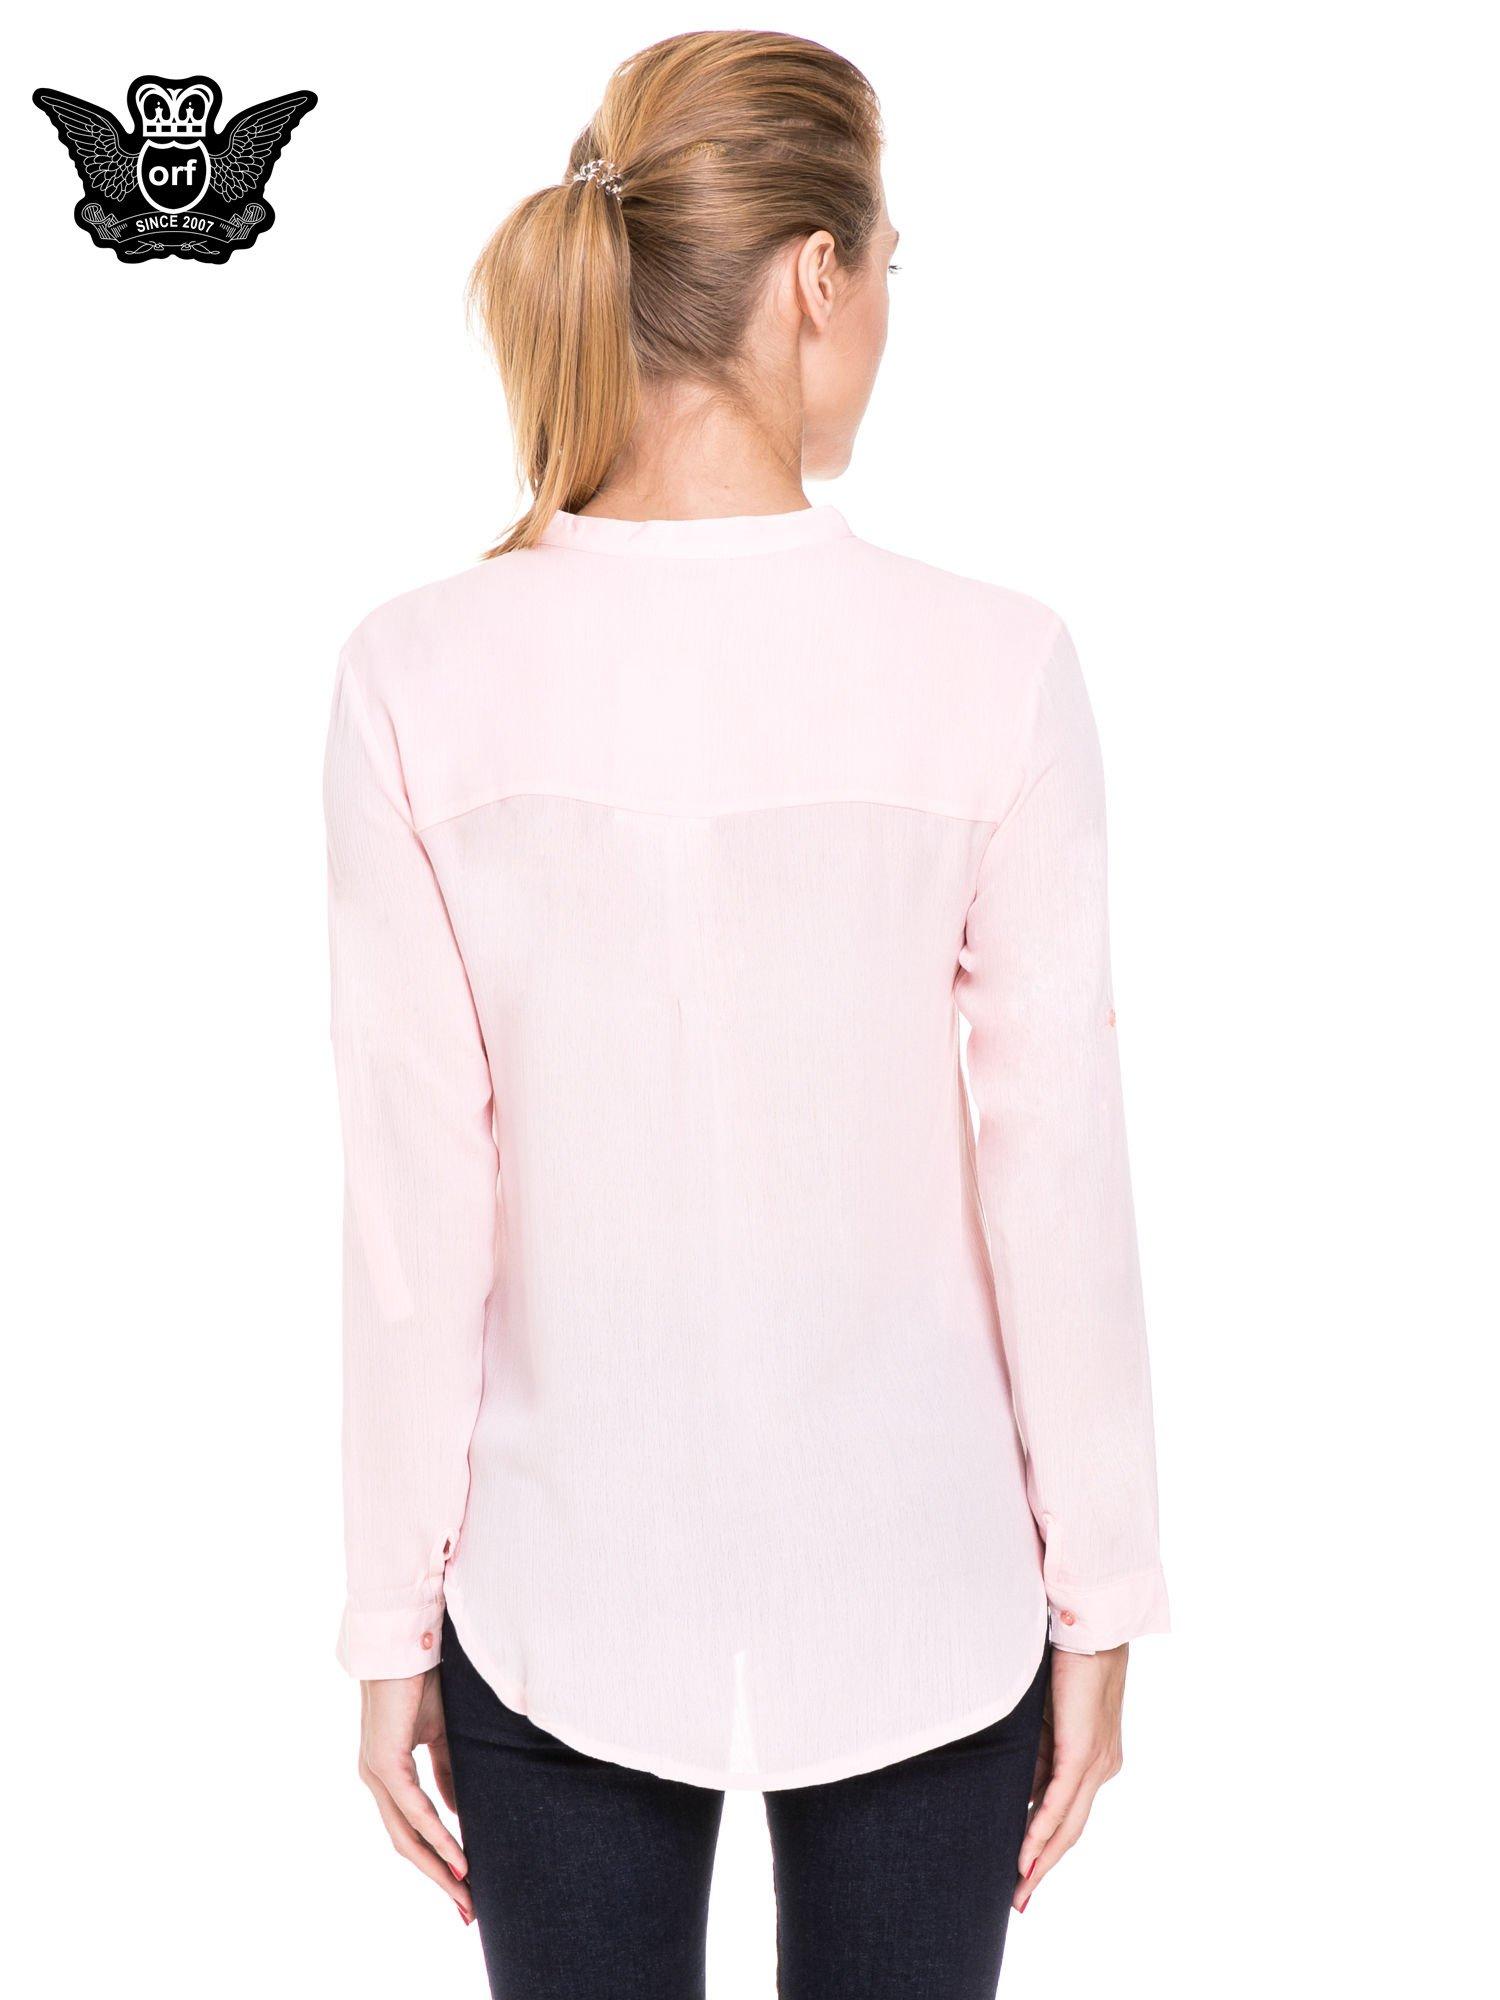 Różowa koszula damska z haftem na ramionach                                  zdj.                                  4